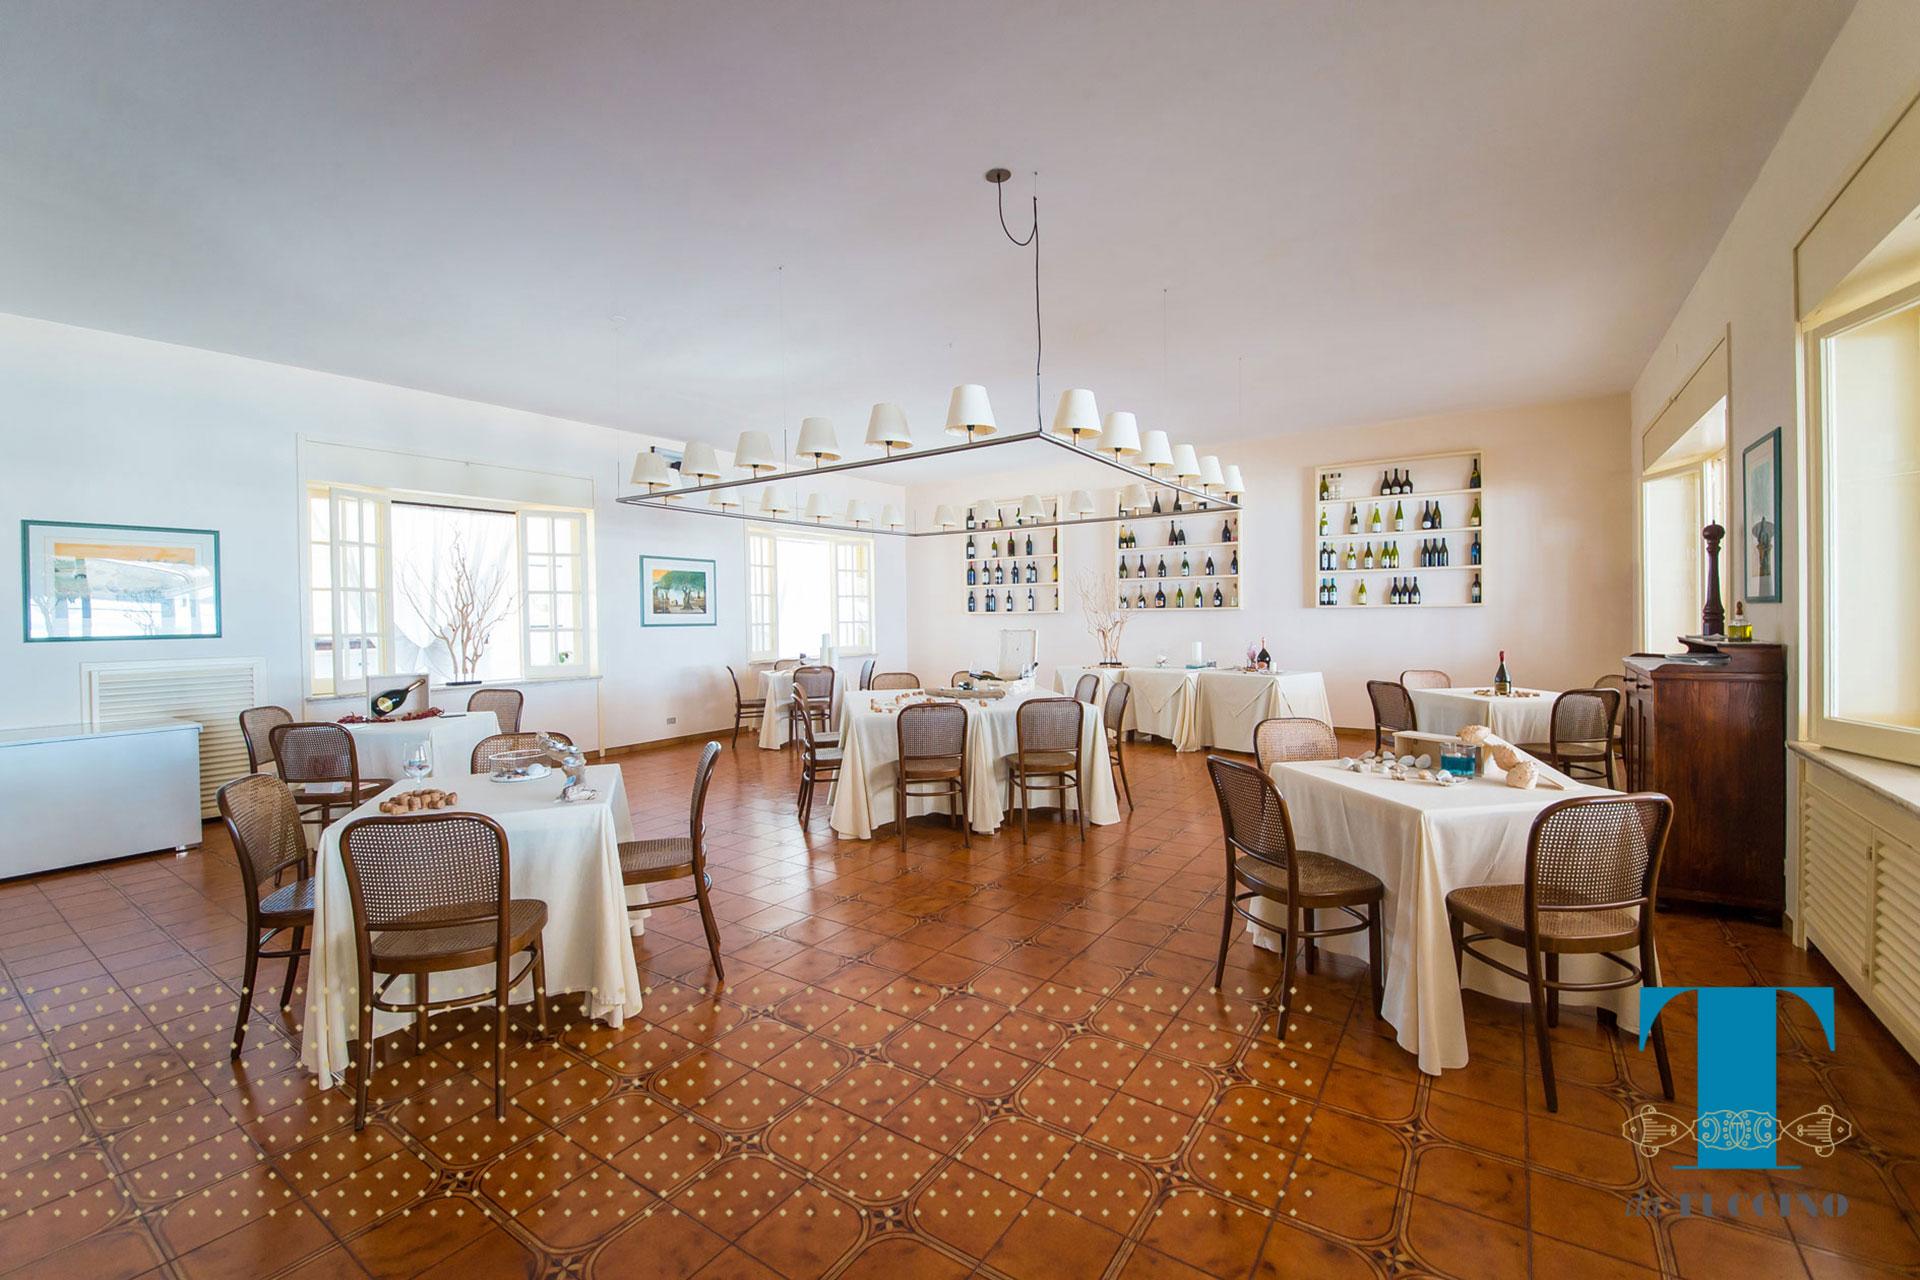 Immagini e fotografie ristorante in Puglia  Ristorante da Tuccino